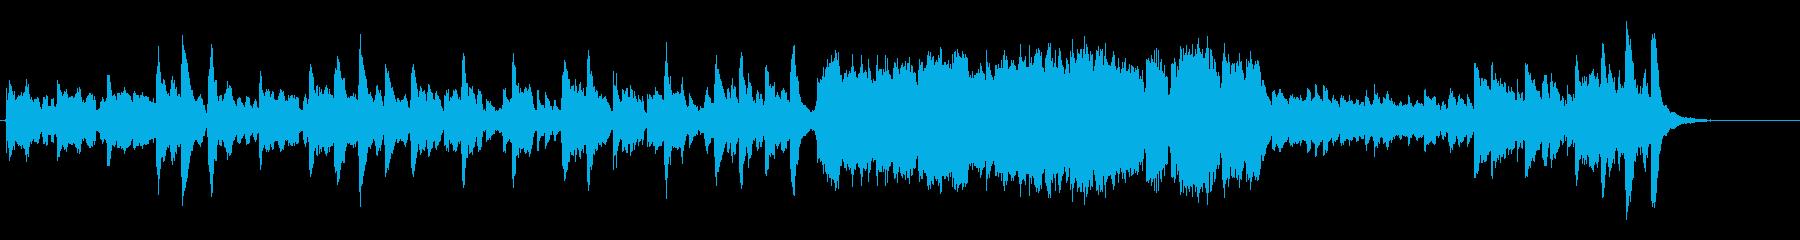 ディズニー風/ゴシックホラーオーケストラの再生済みの波形